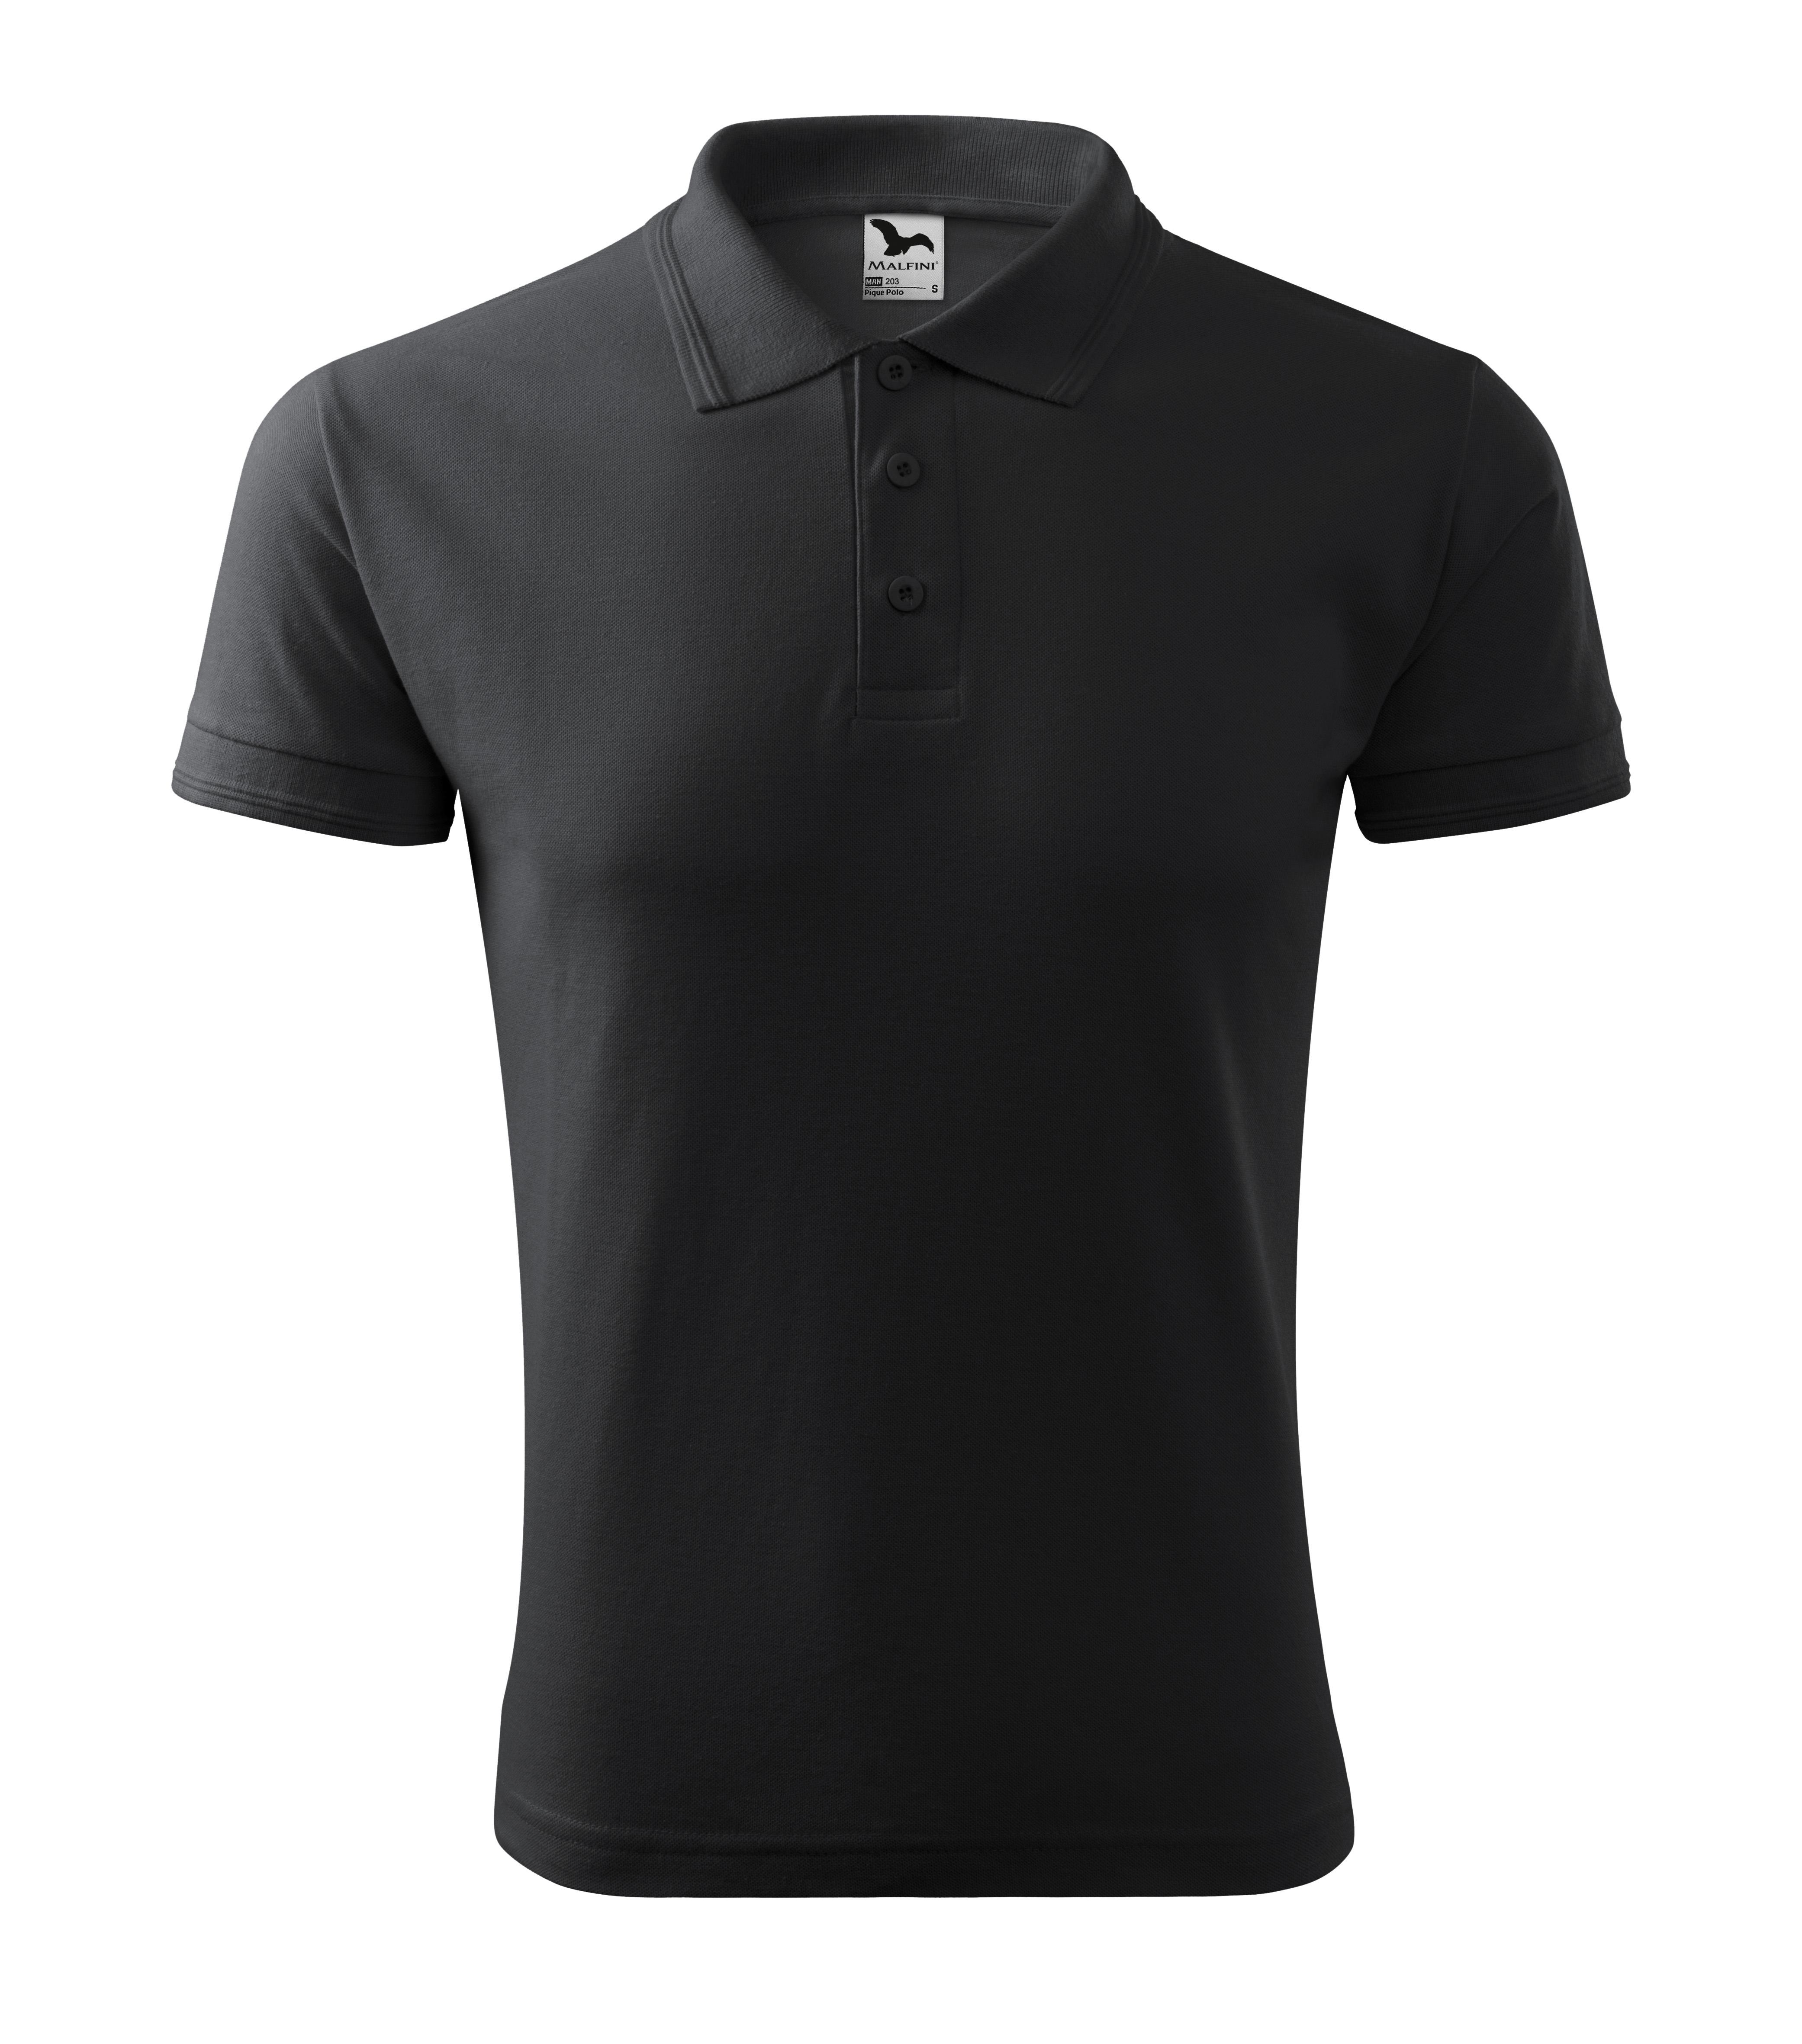 Polokošile pánská Pique Polo Barva: ebony gray, Velikost: L